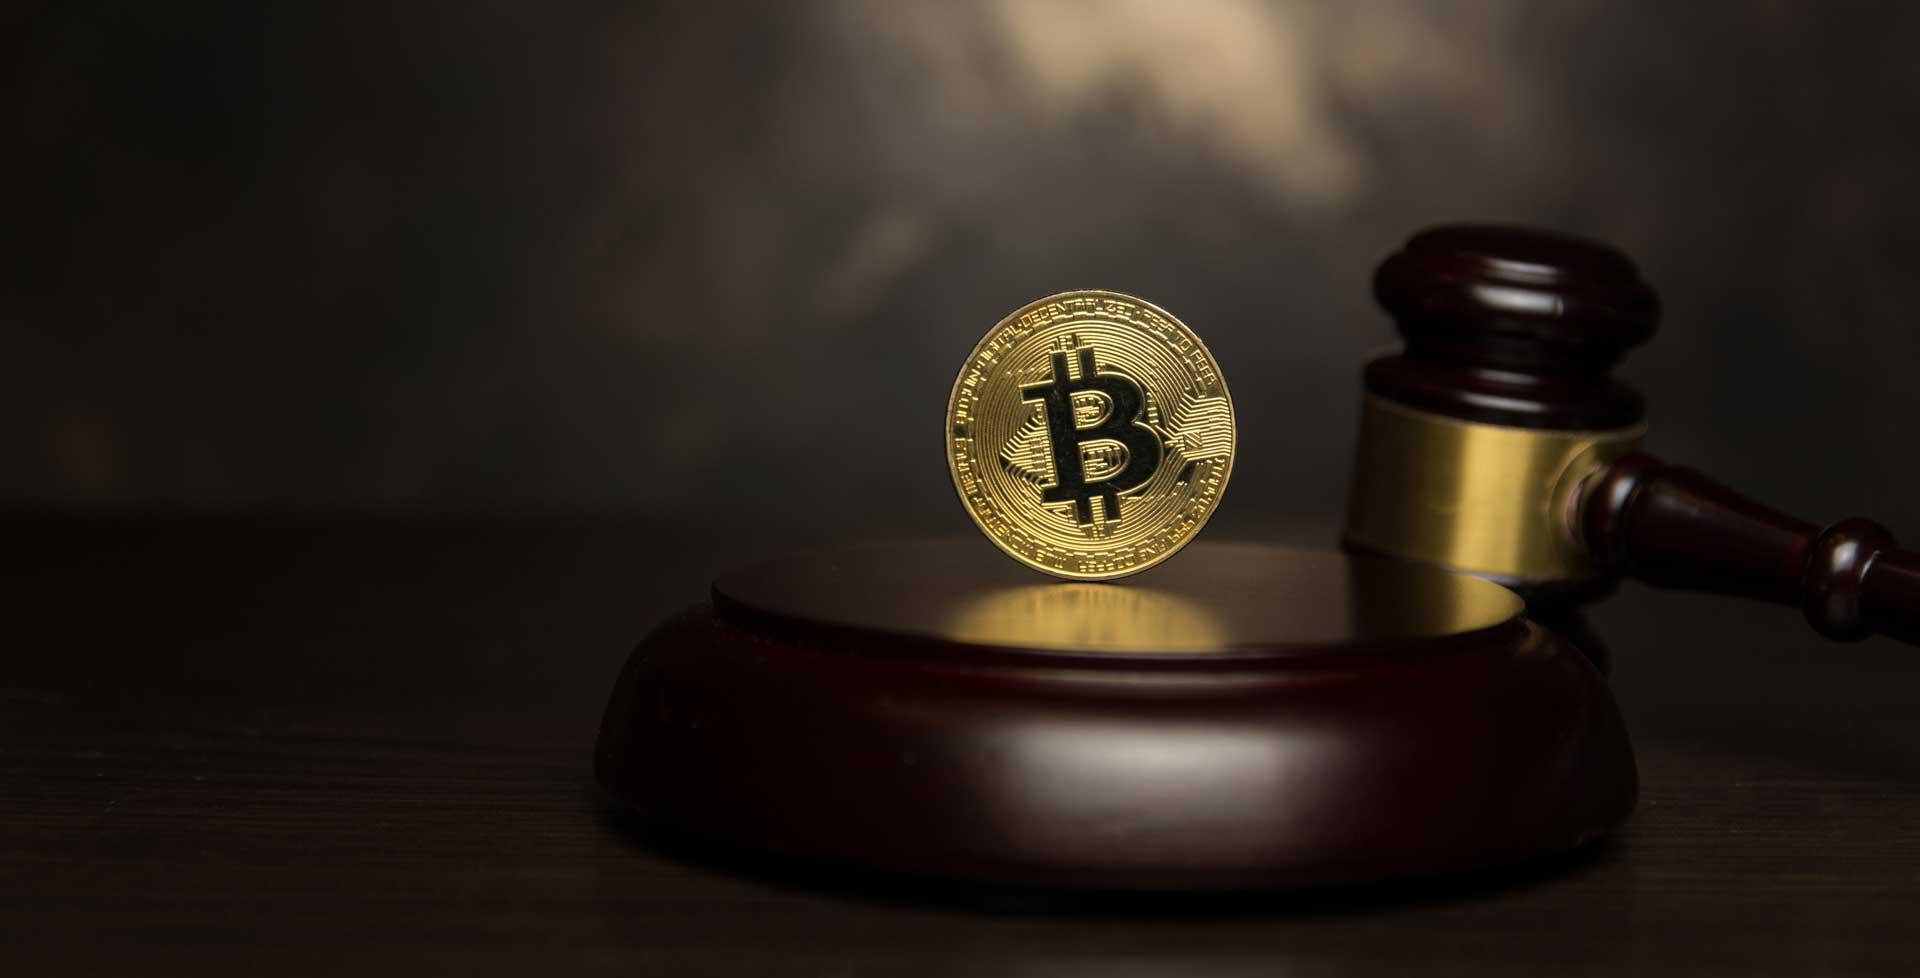 kripto varliklar miras olarak kalabilecek